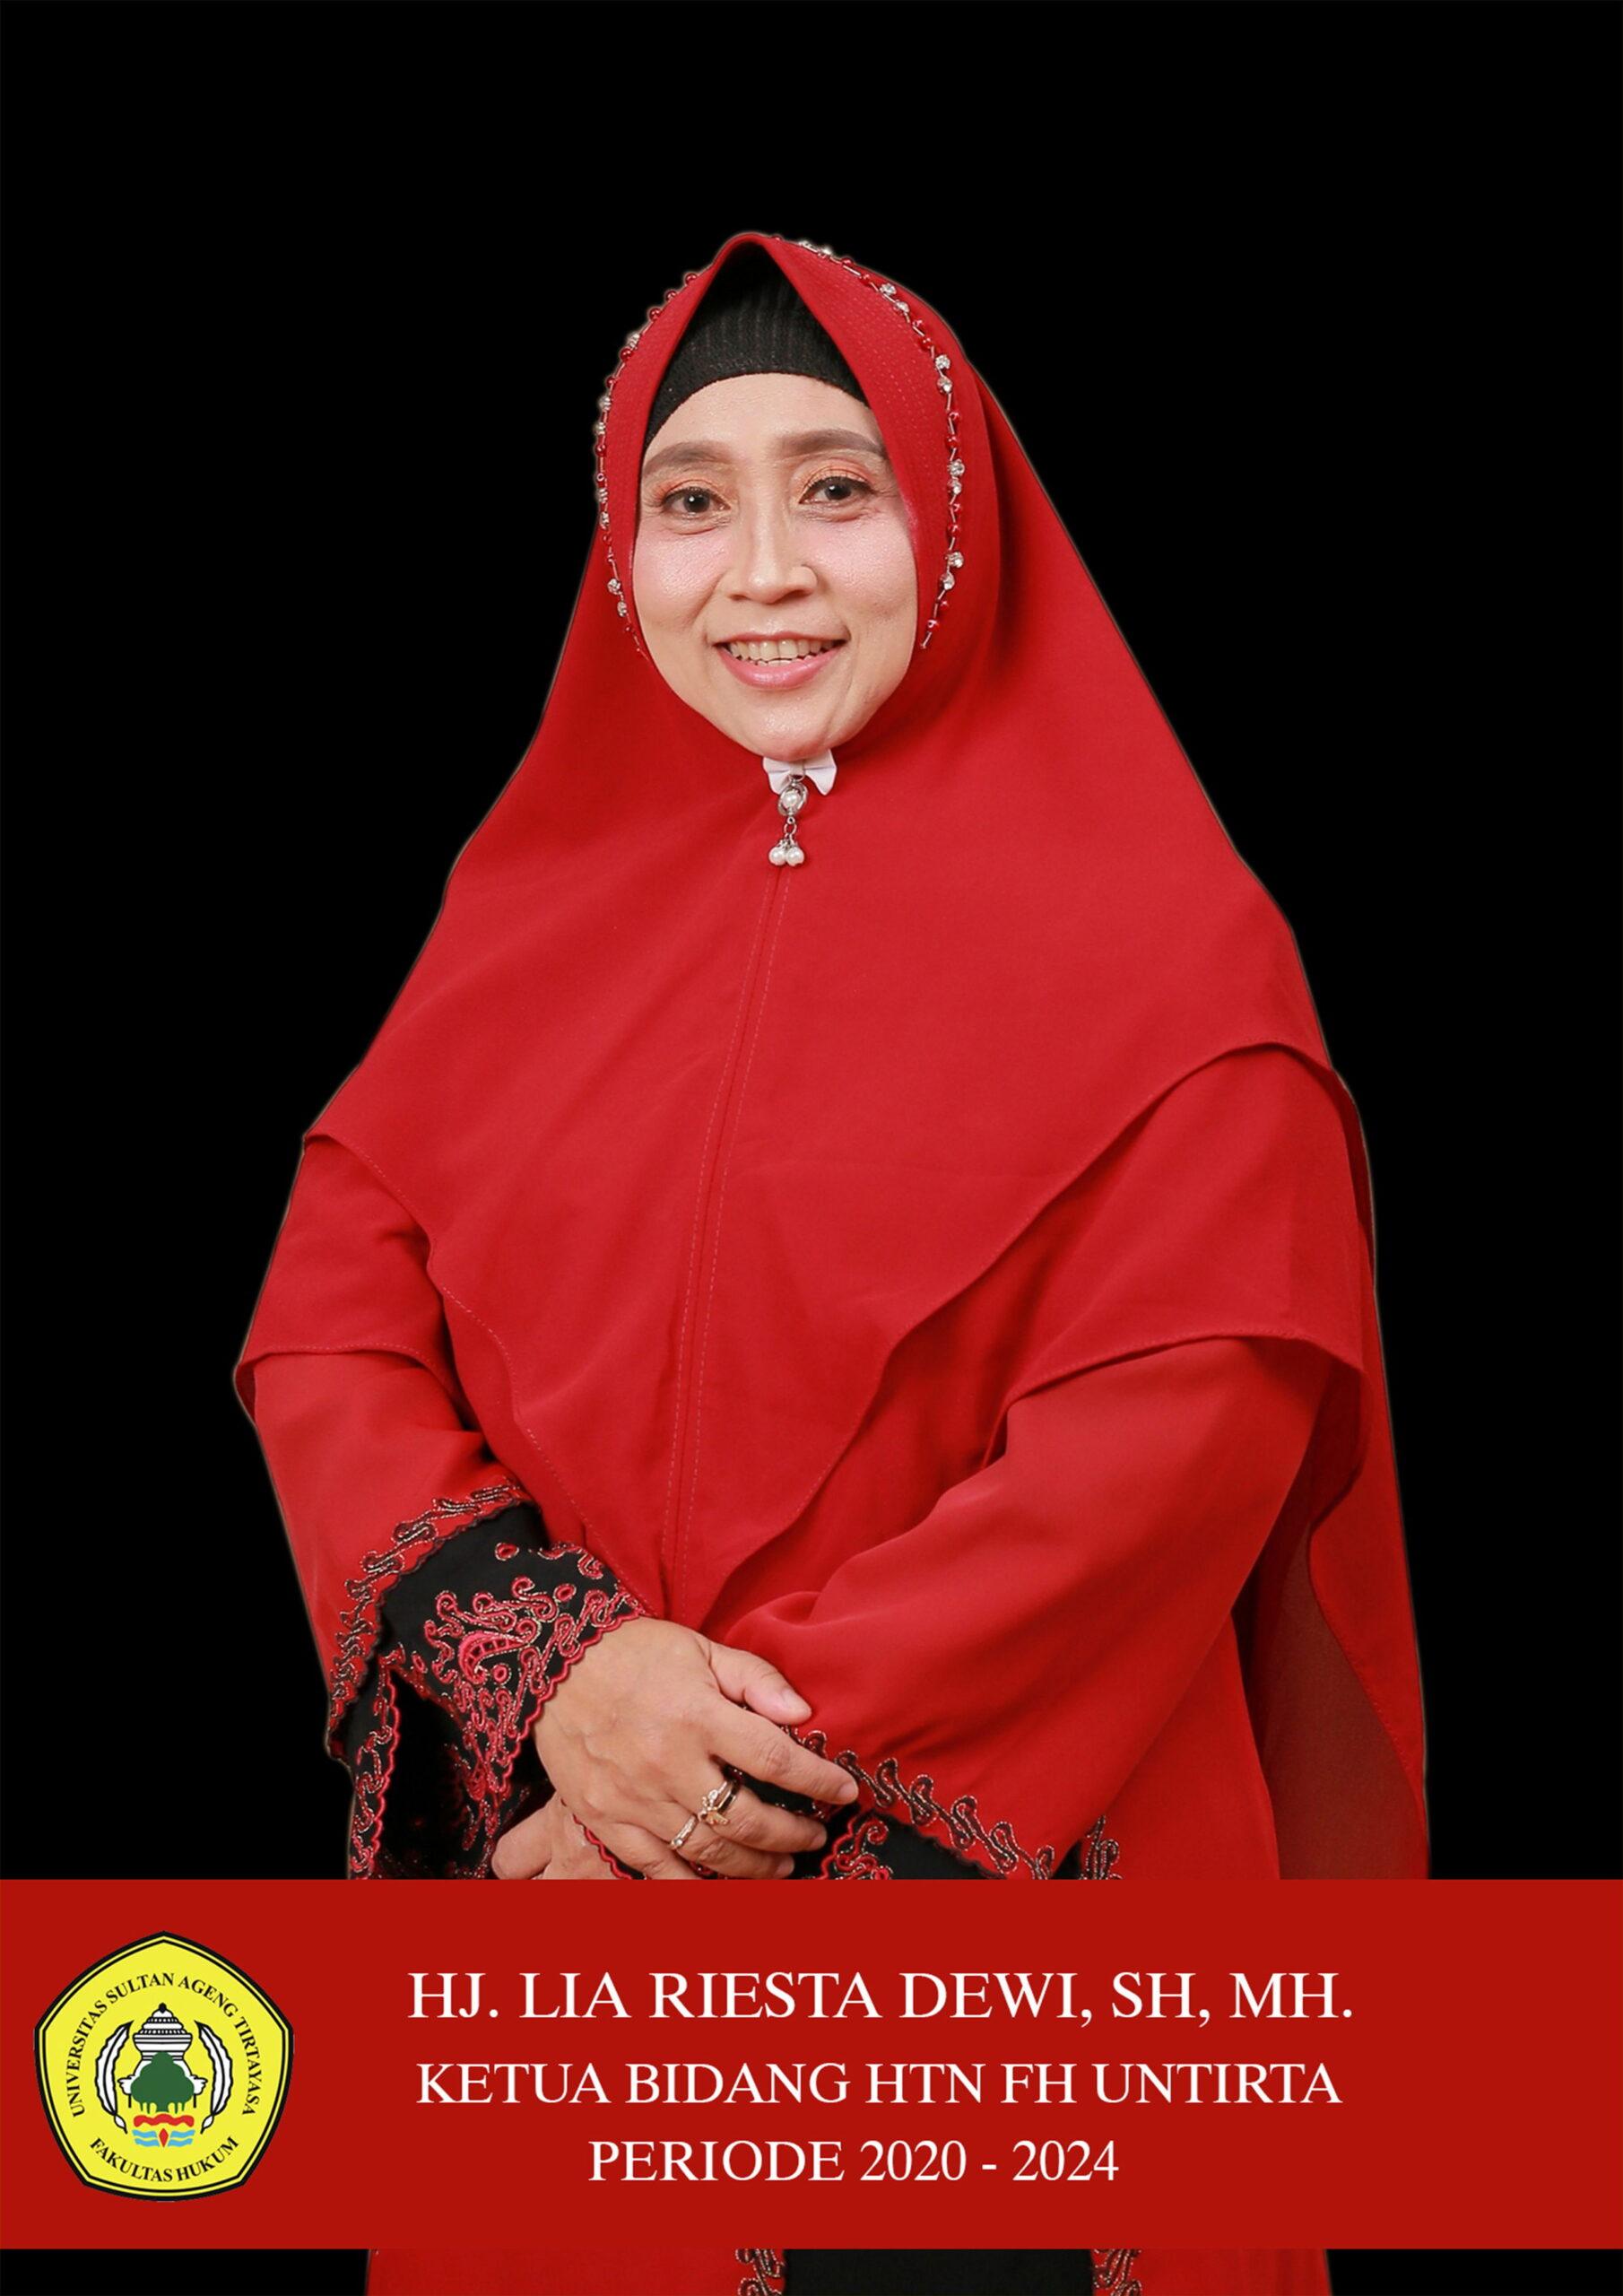 1. Lia Riesta Dewi